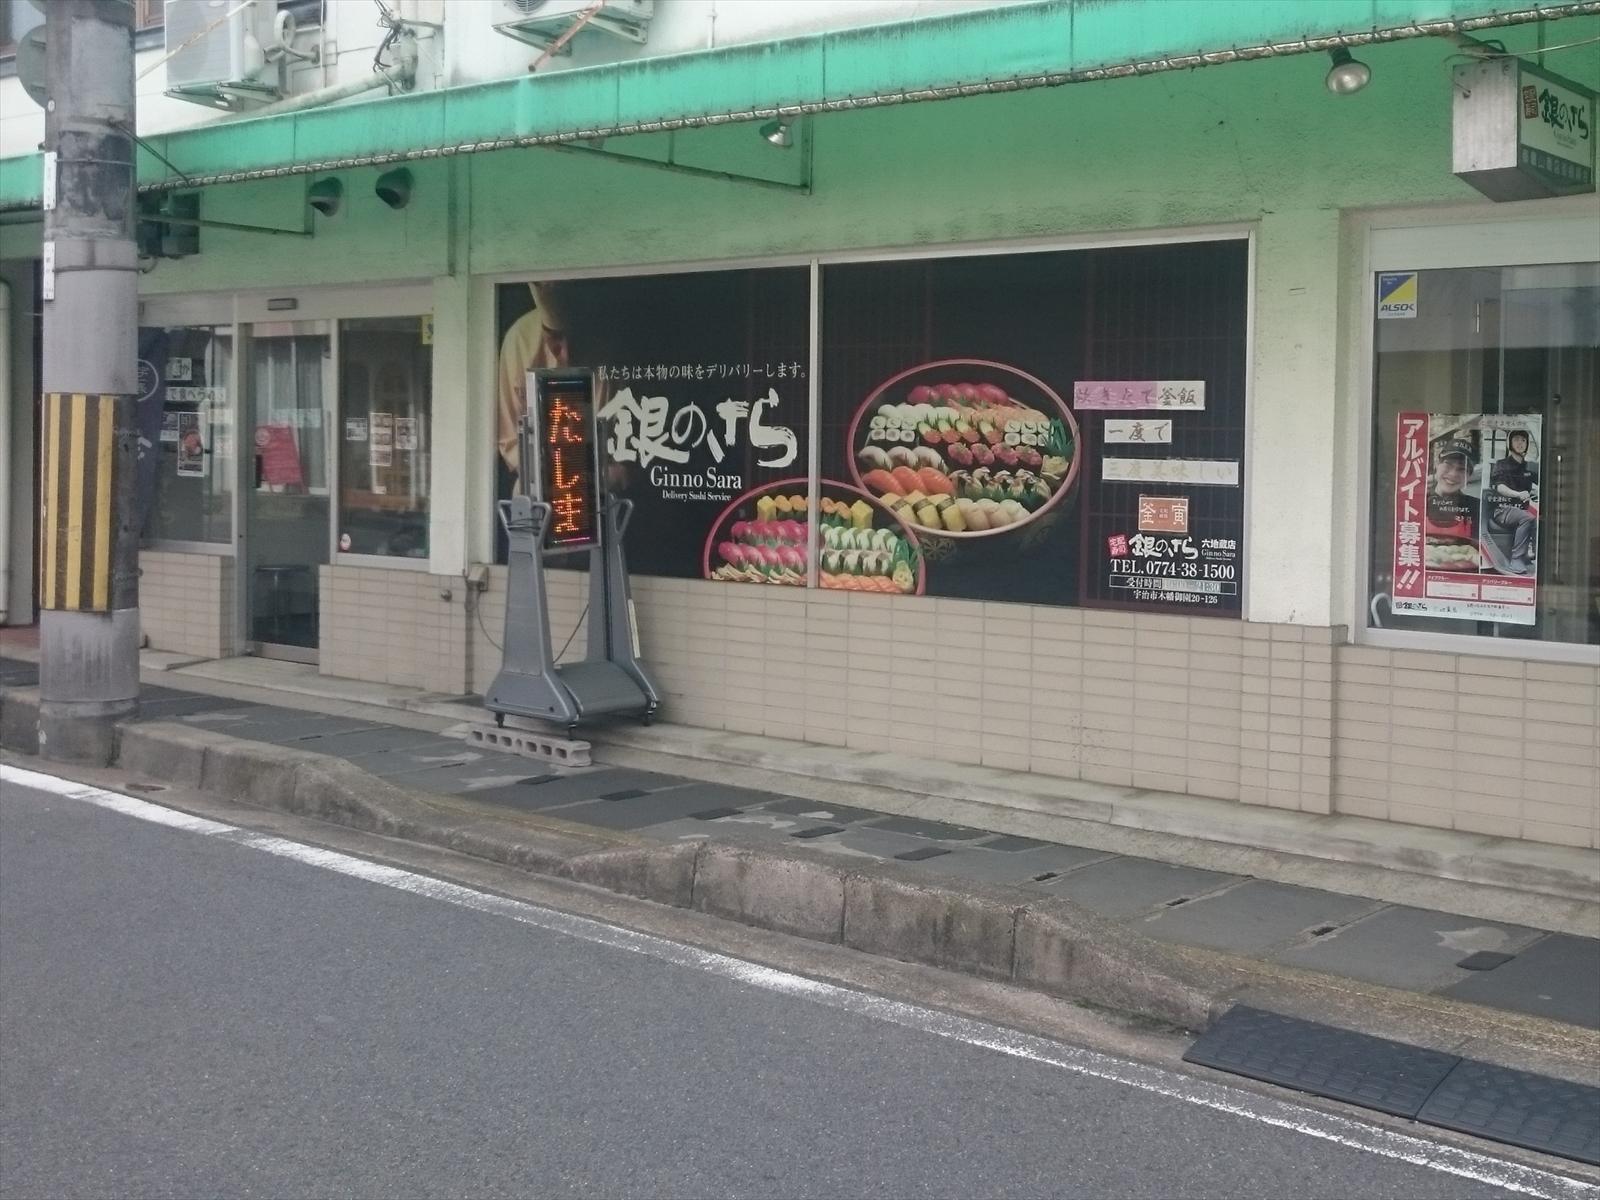 銀のさら六地蔵店(宇治市/お持ち帰り寿司)